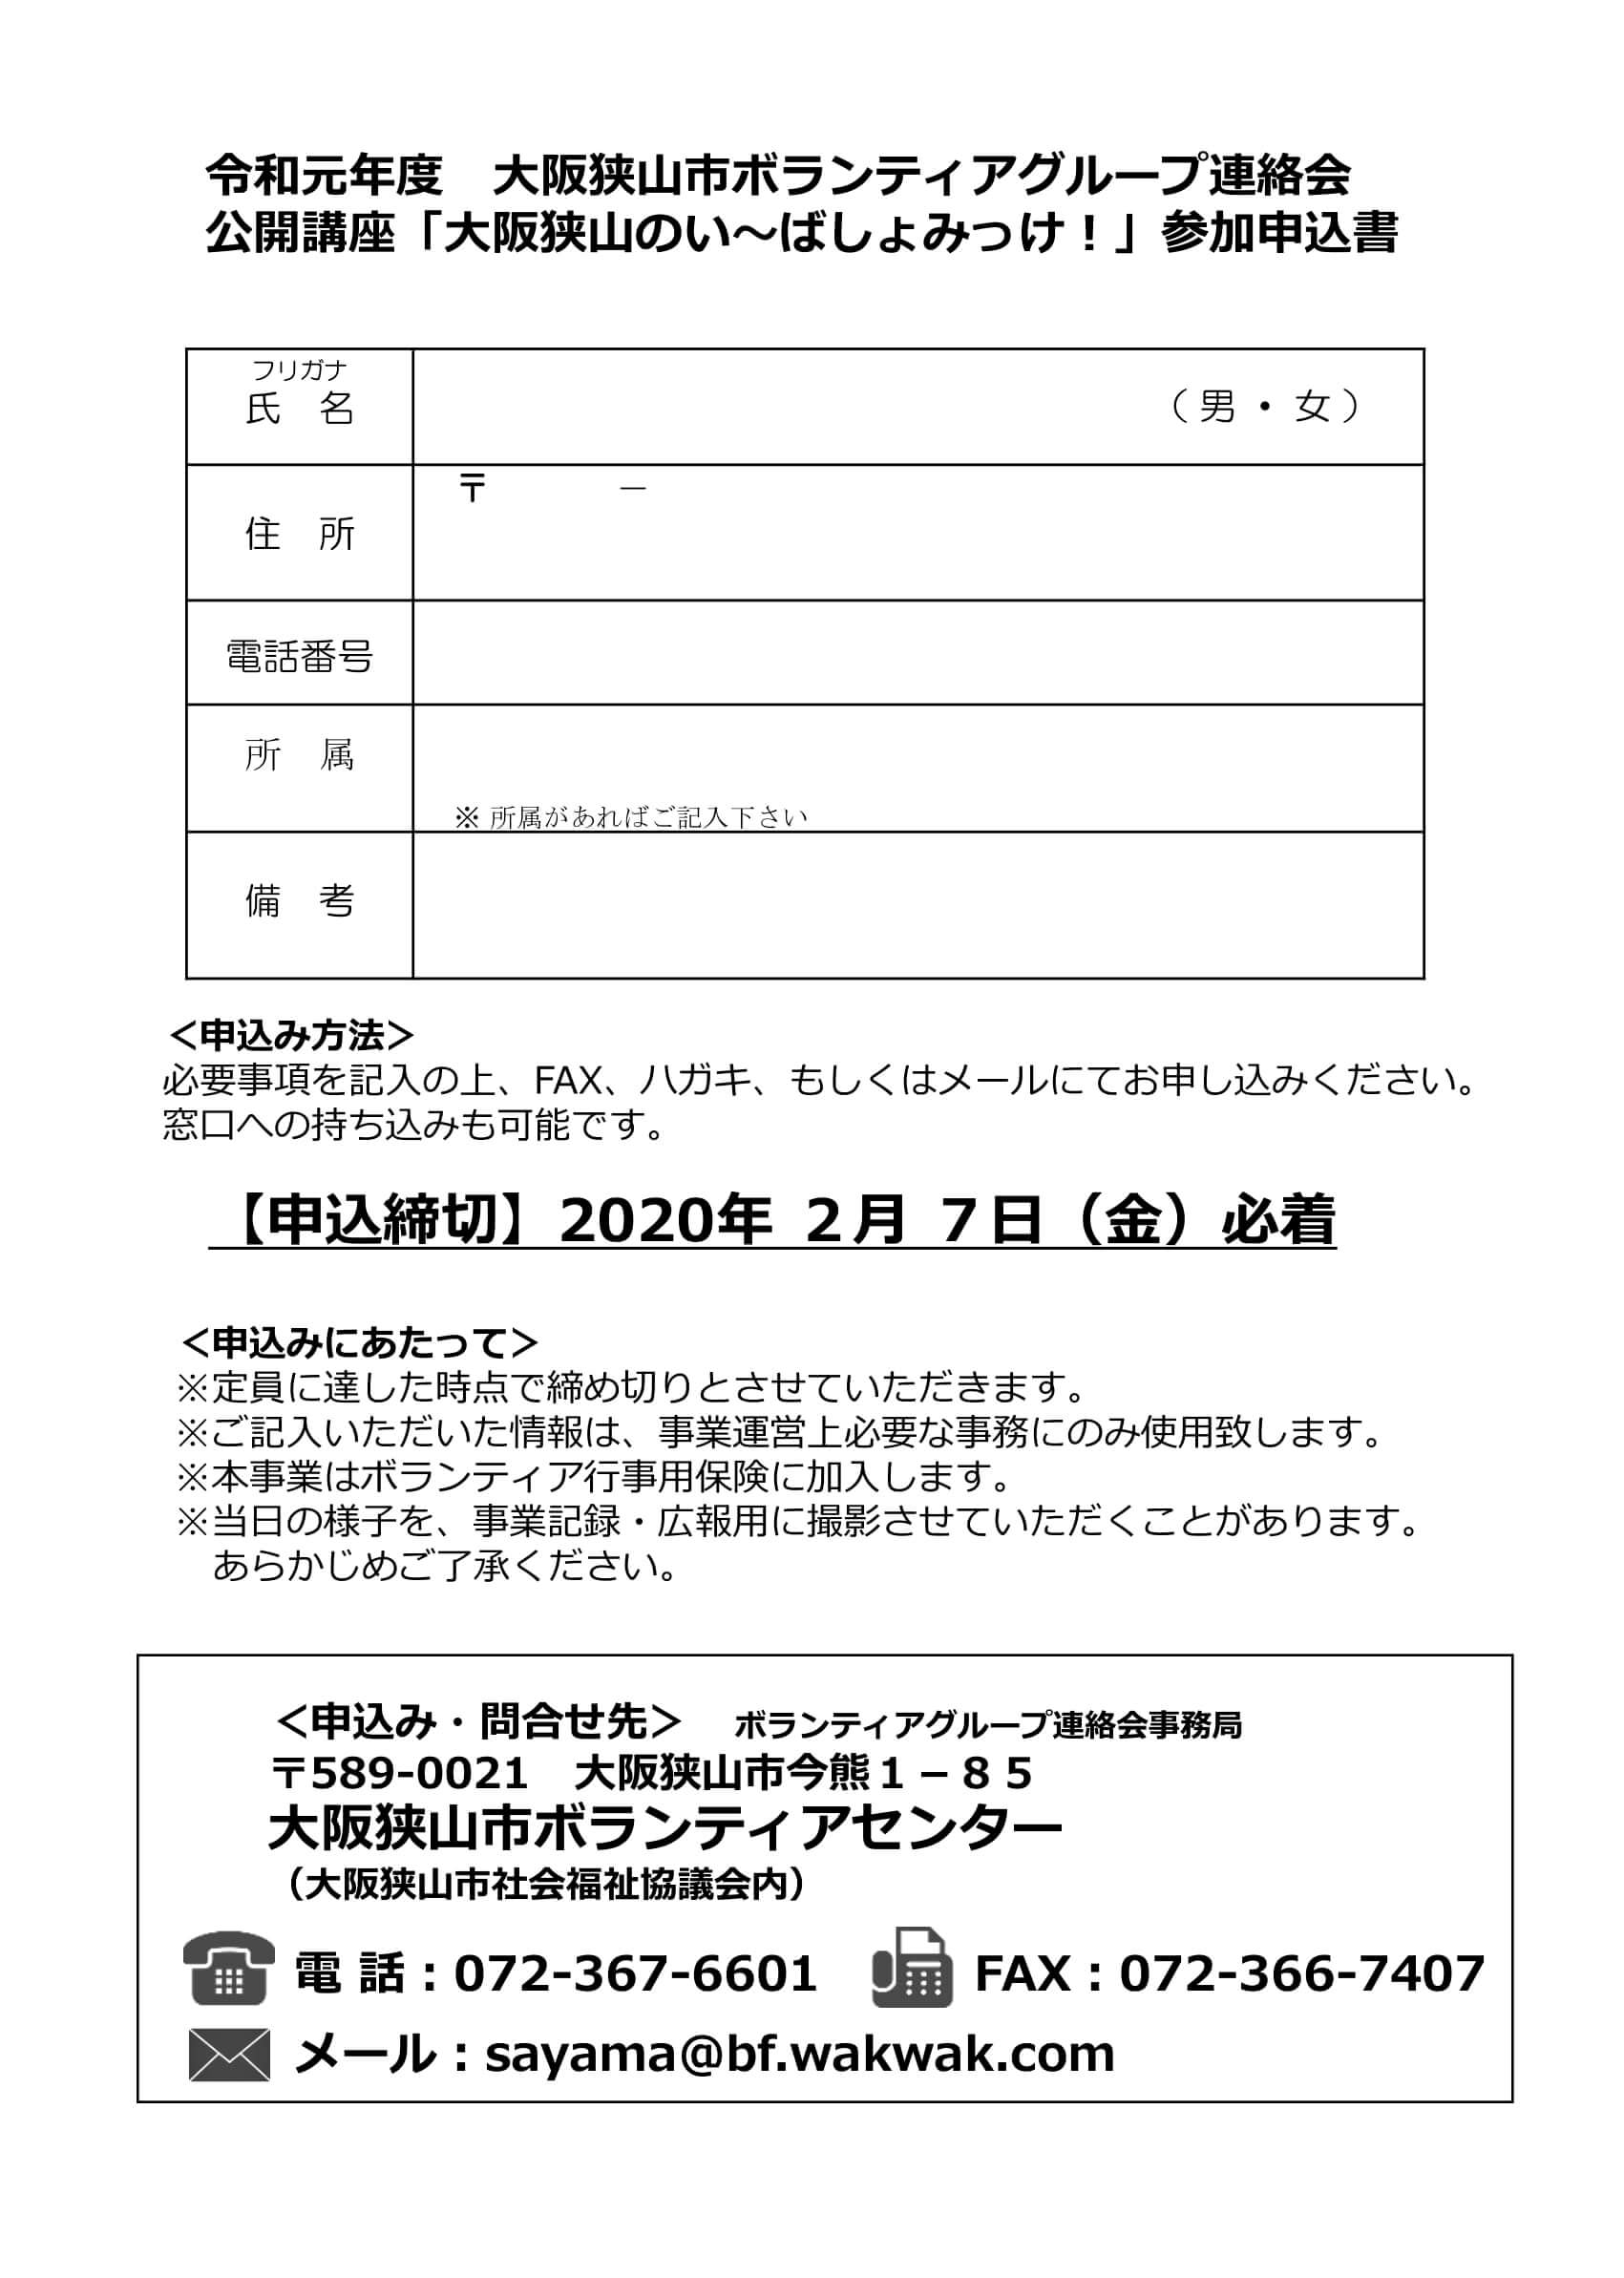 「大阪狭山のい~ばしょみっけ!」が市立公民館で2020年2月11日に開催 (2)